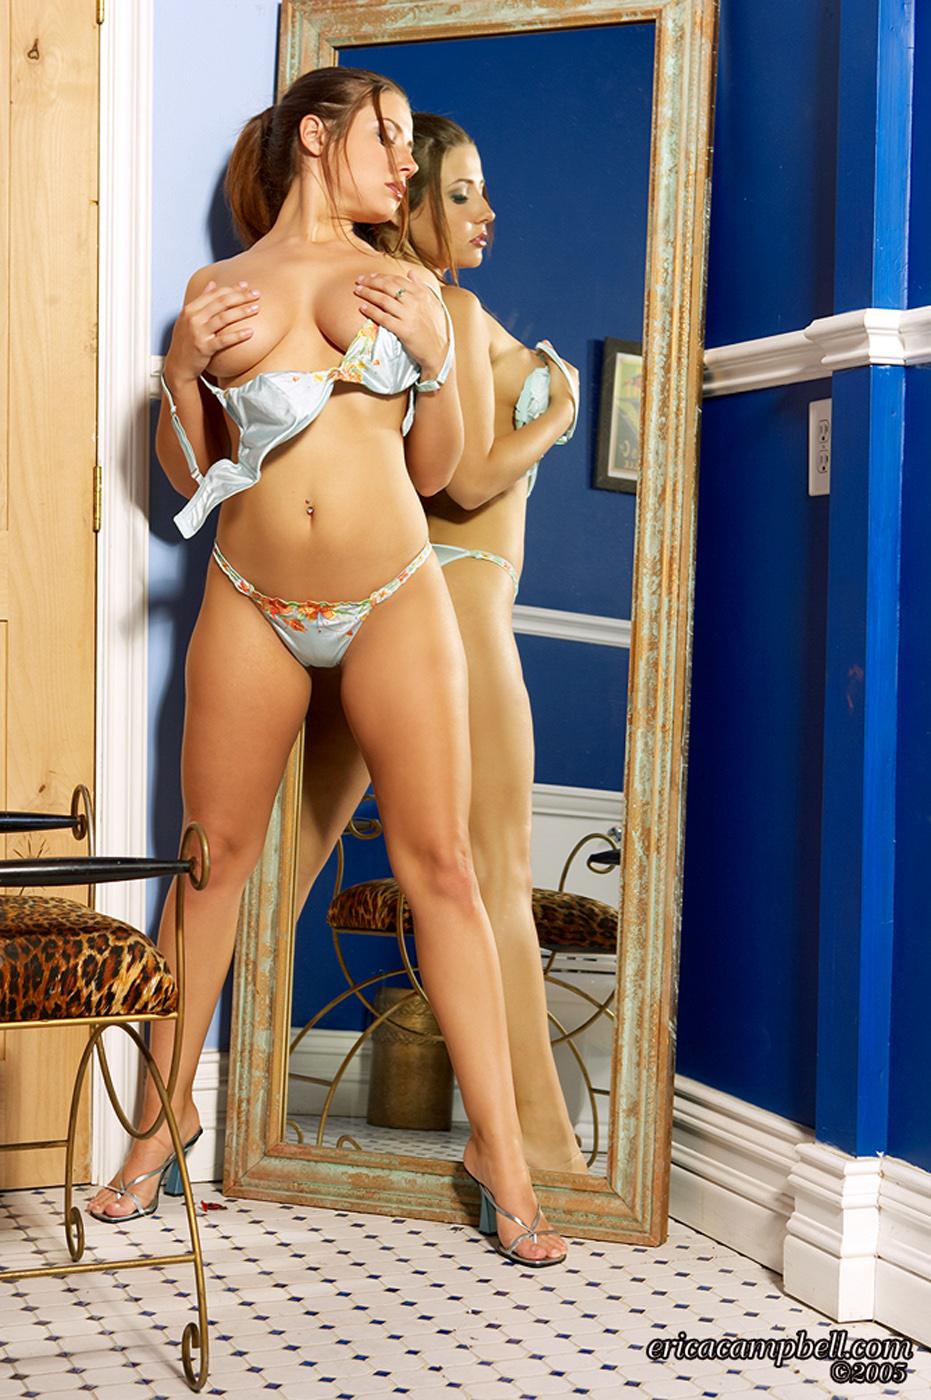 Erica Campbell in a bikini